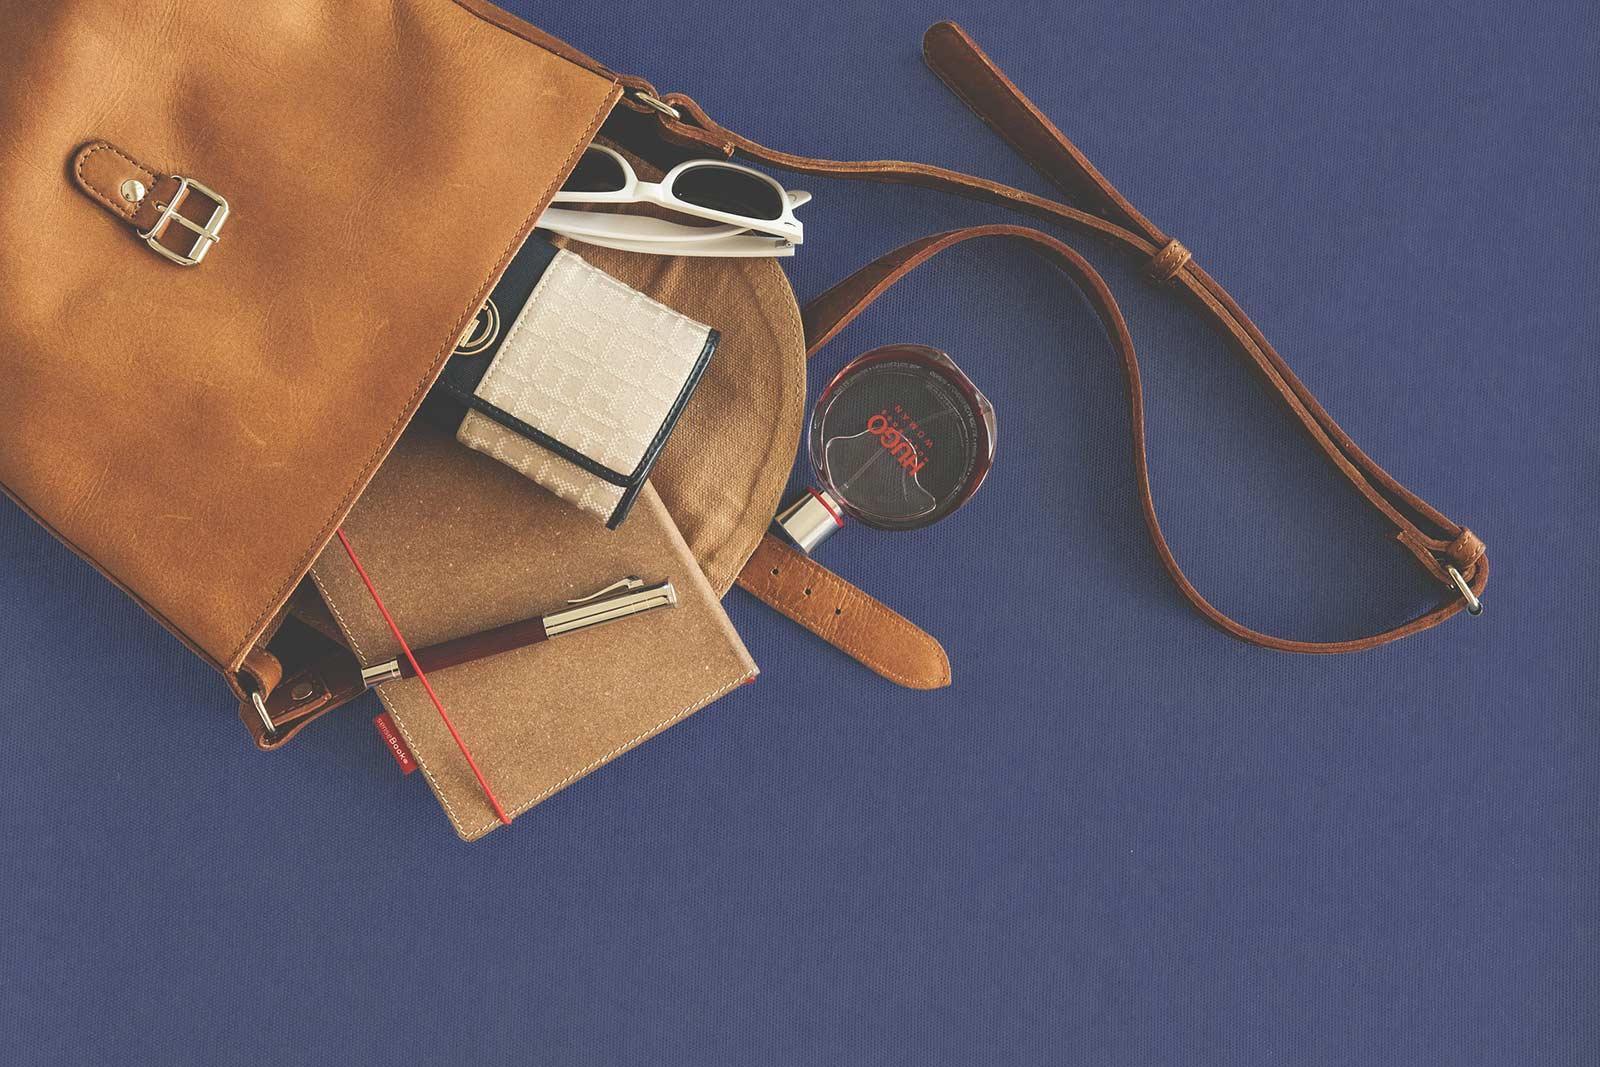 Platz und Gewicht im Backpack sparen